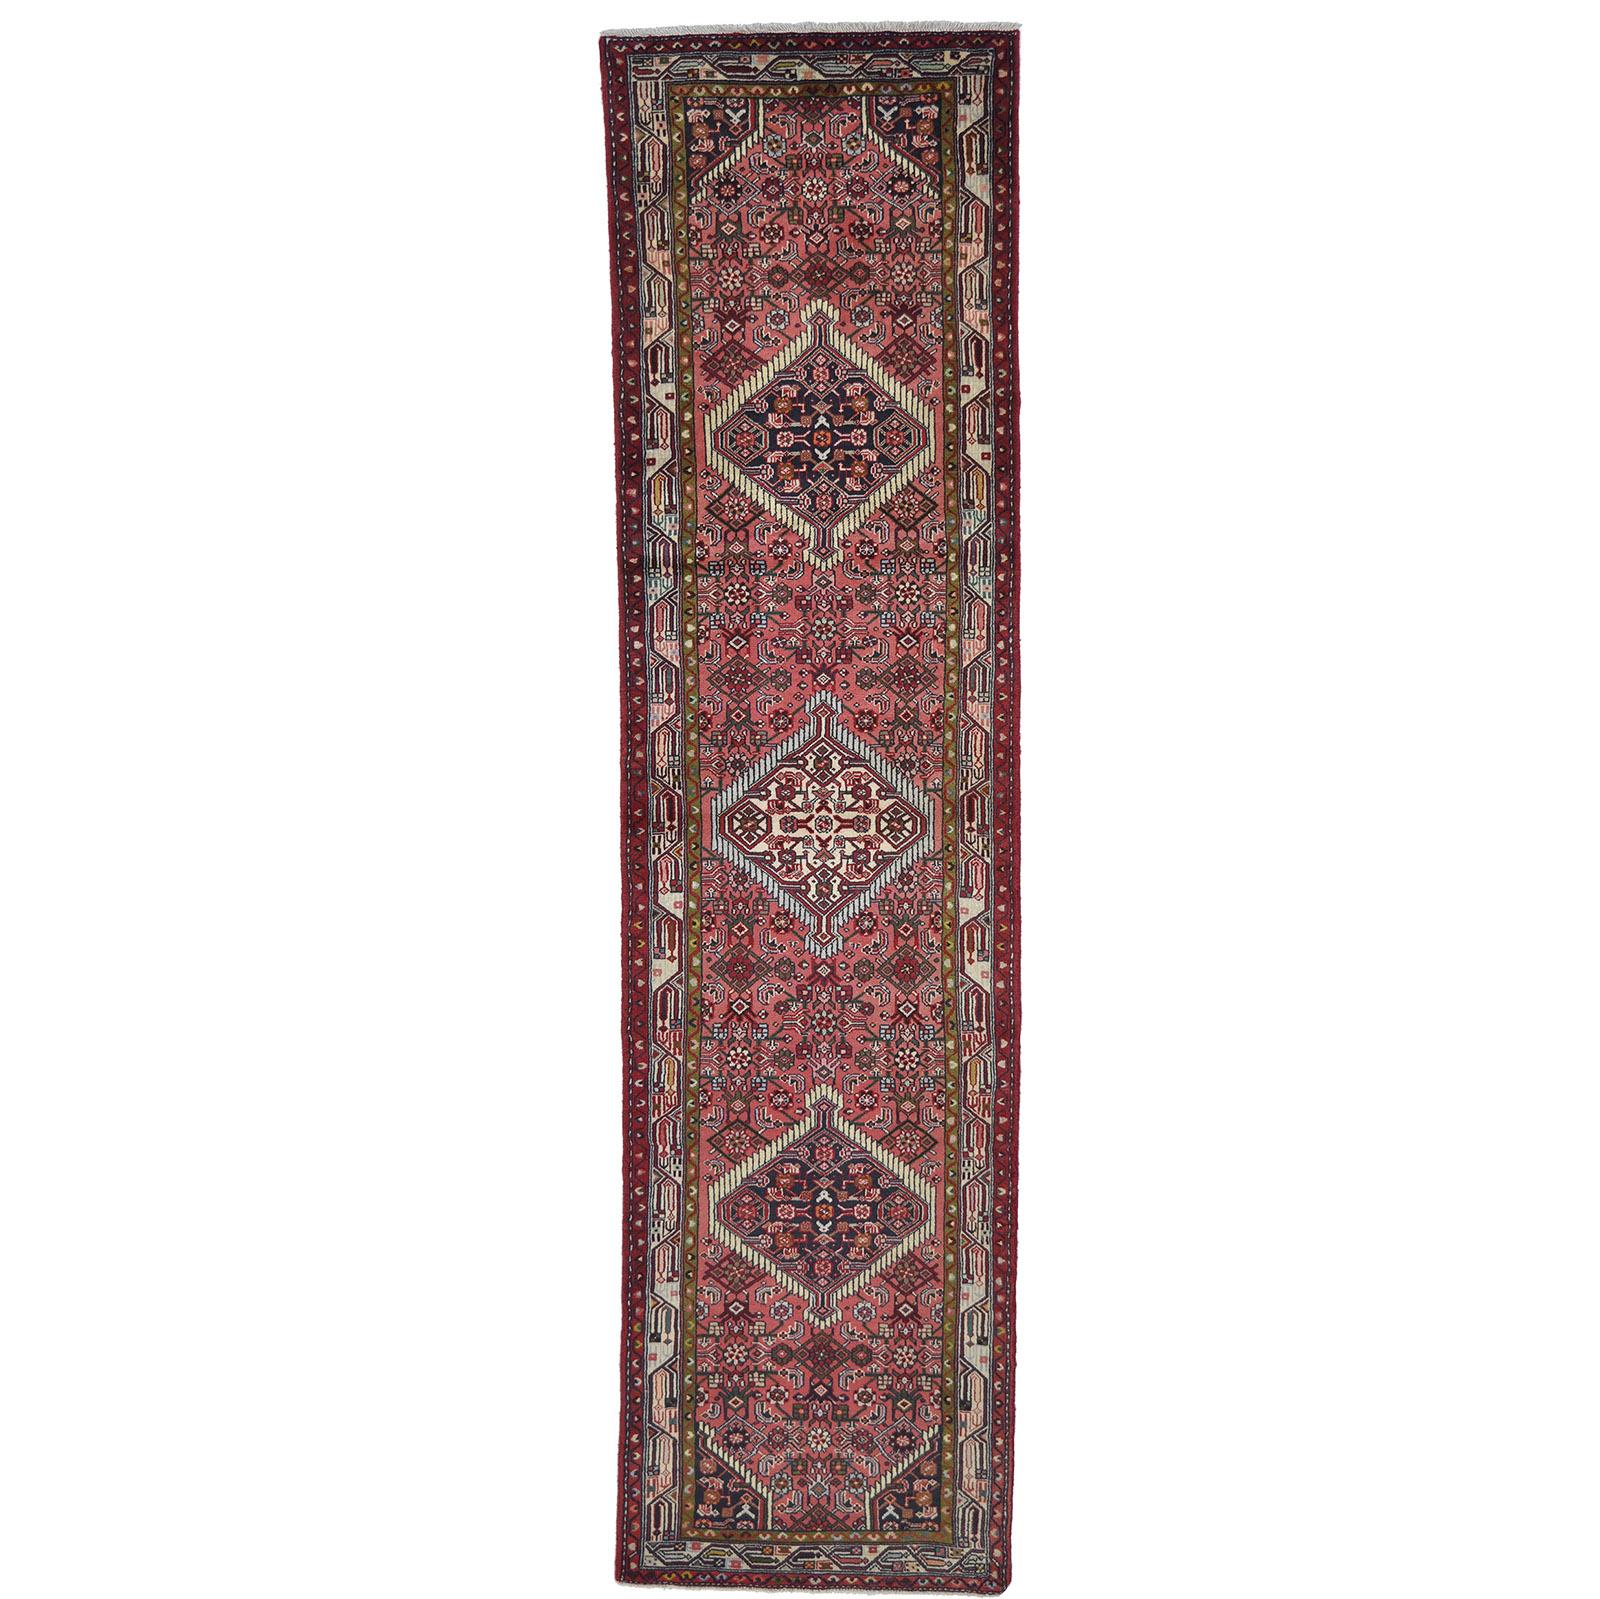 Hosseinabad matta storlek 310x80 cm